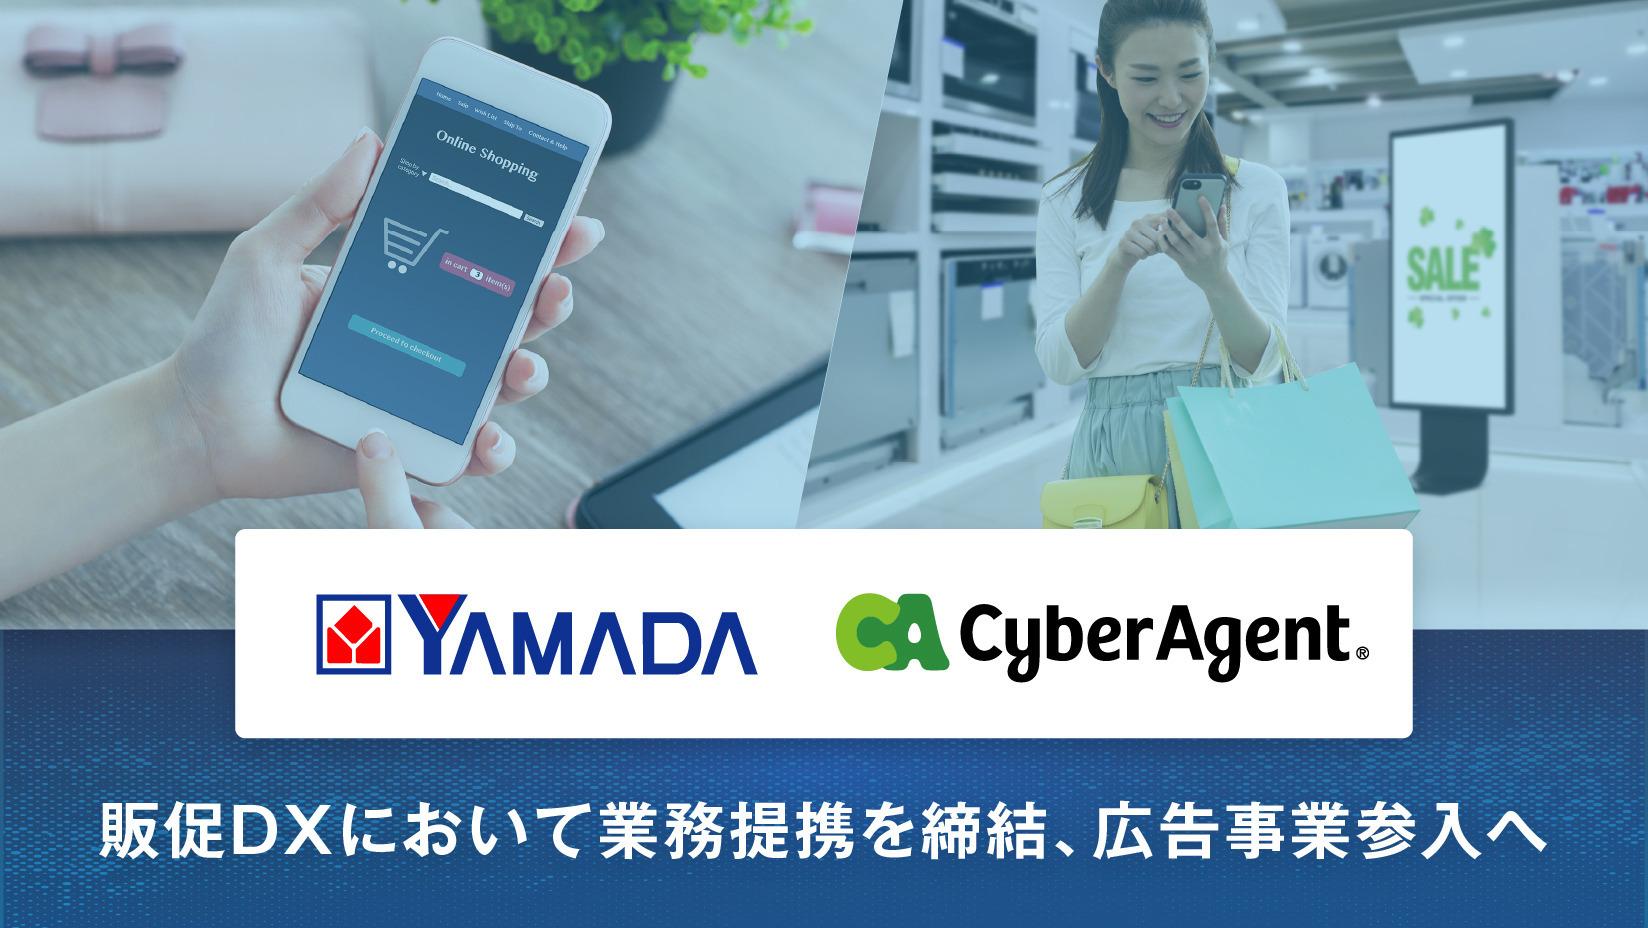 ヤマダデンキ、サイバーエージェントと提携し販促DX領域で広告事業参入